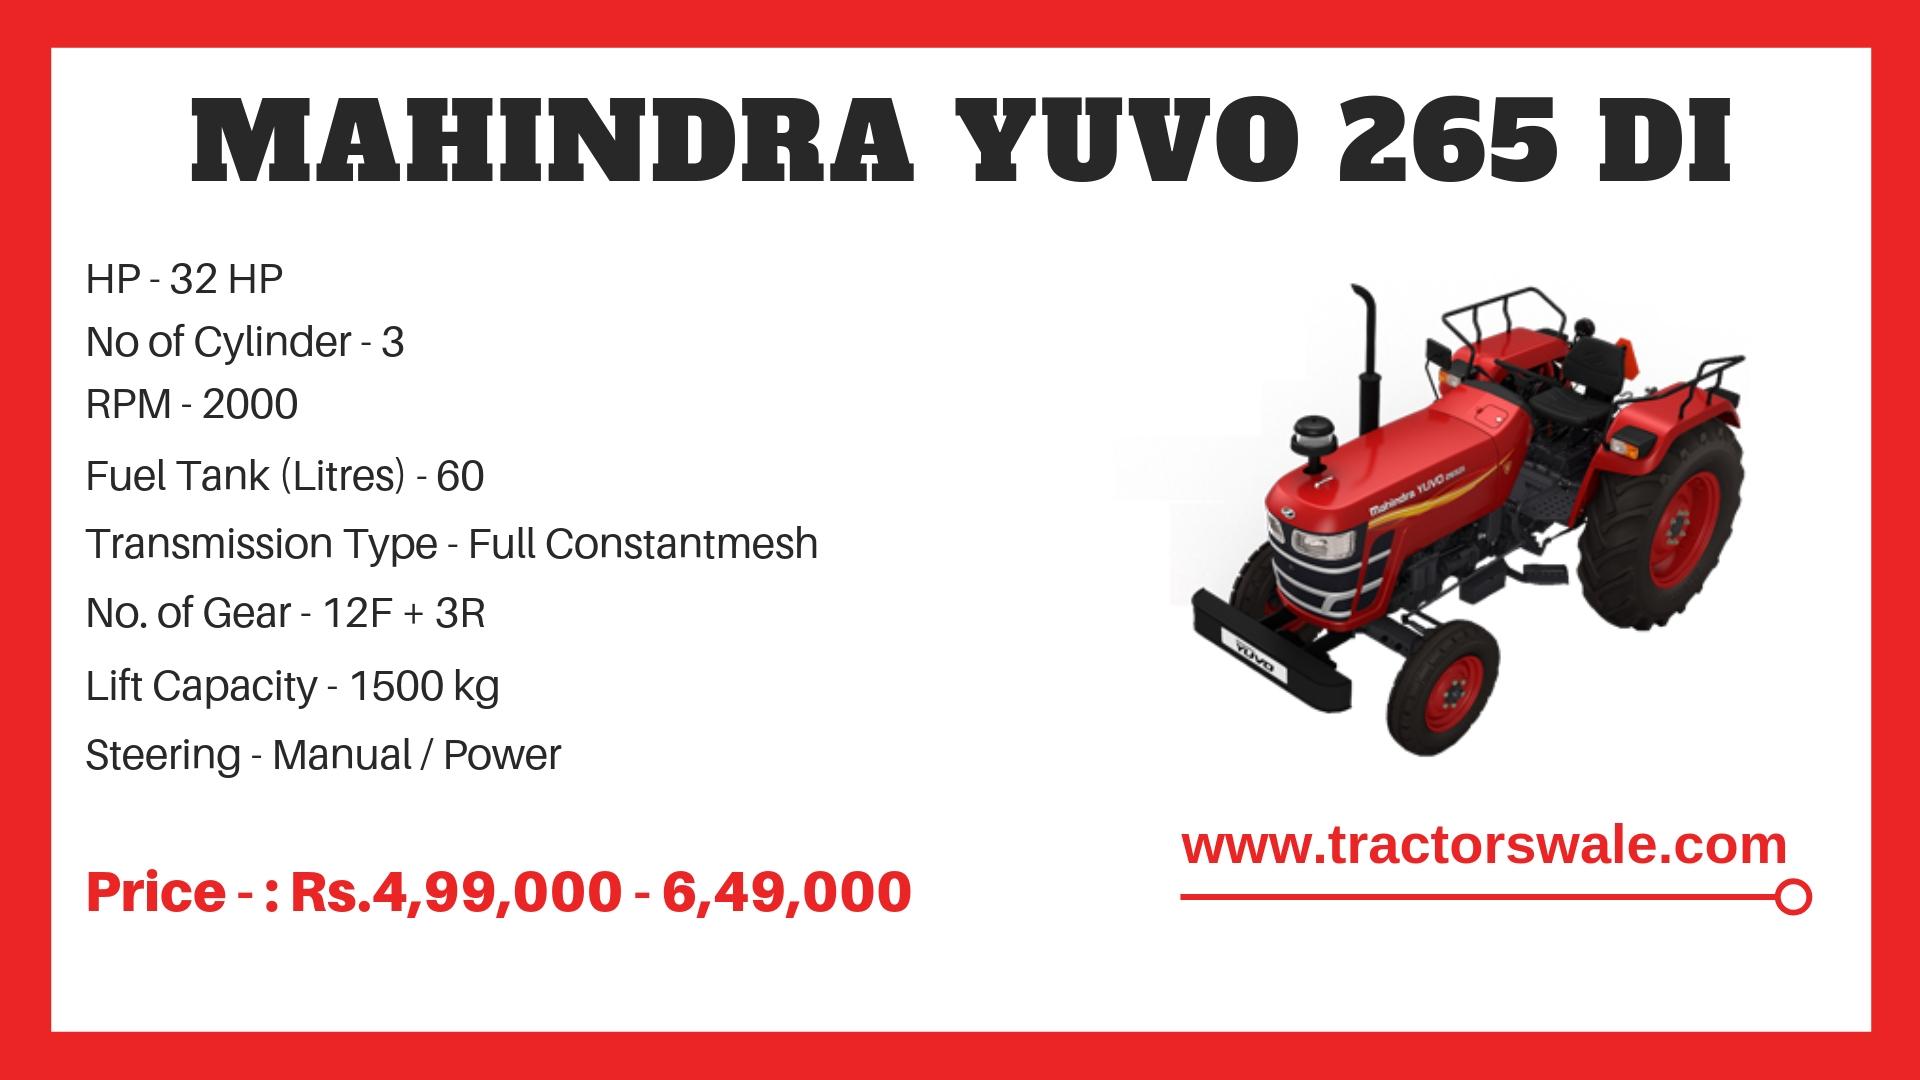 Mahindra Yuvo 265 DI